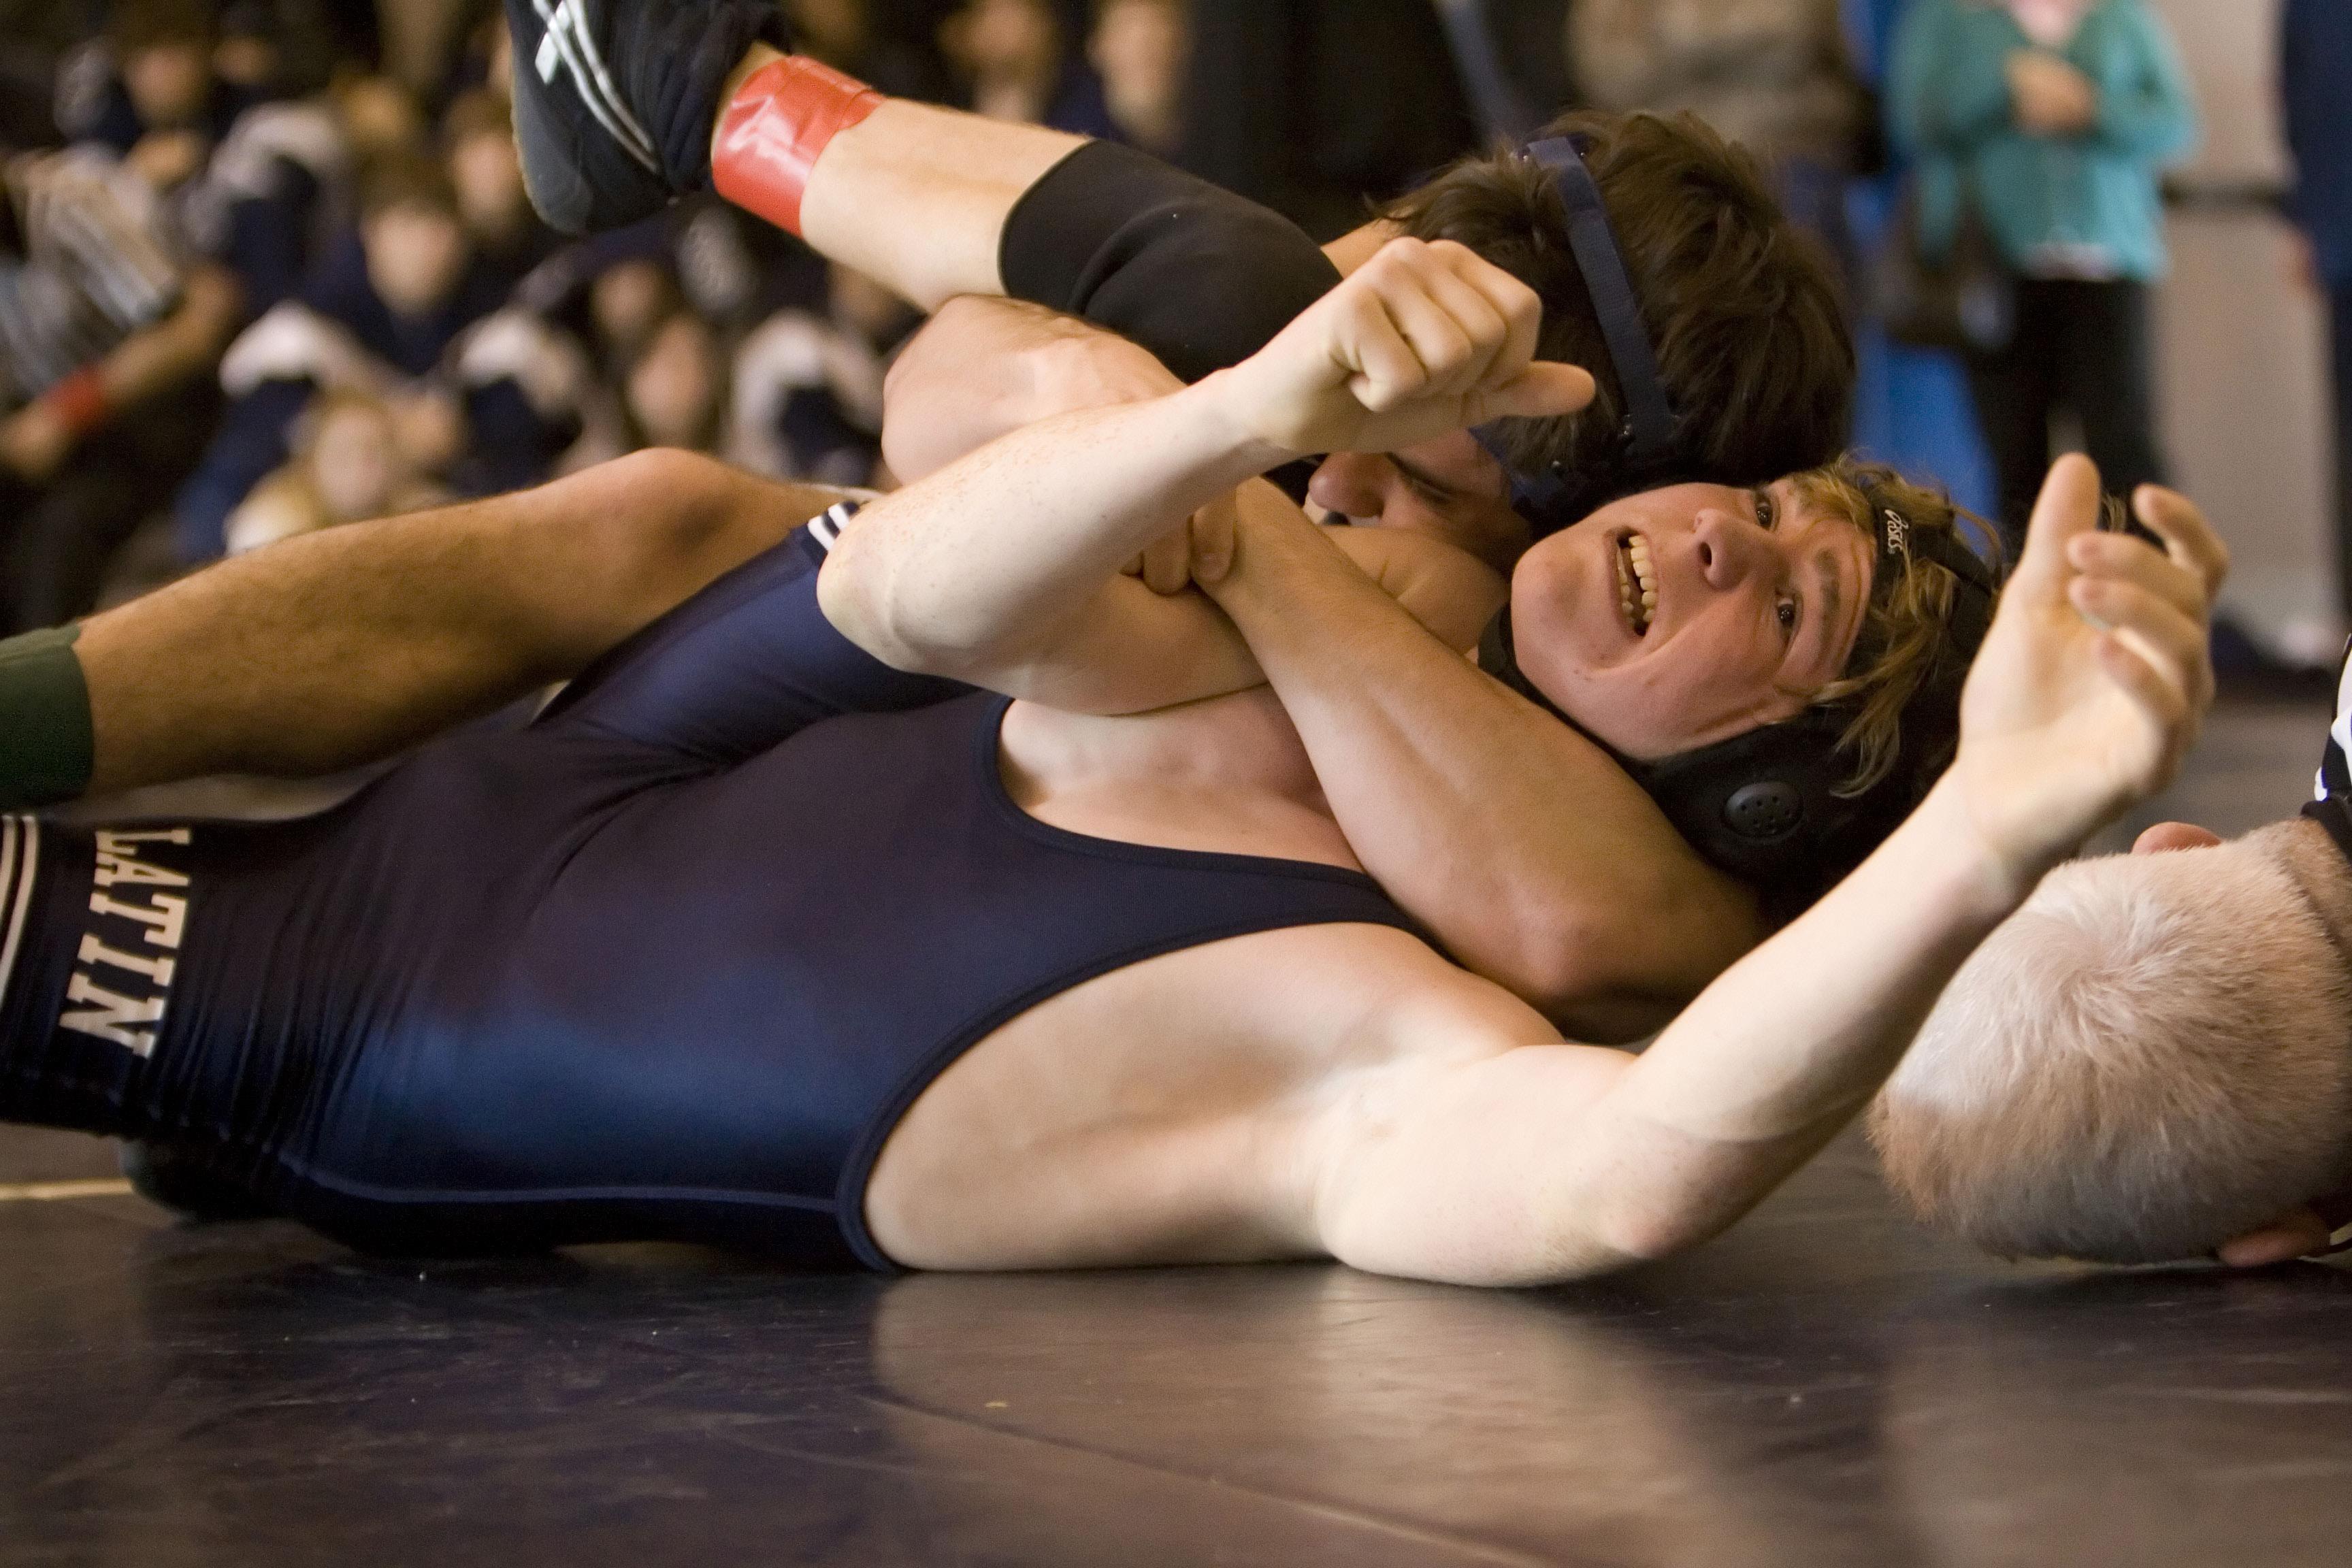 wrestling vids